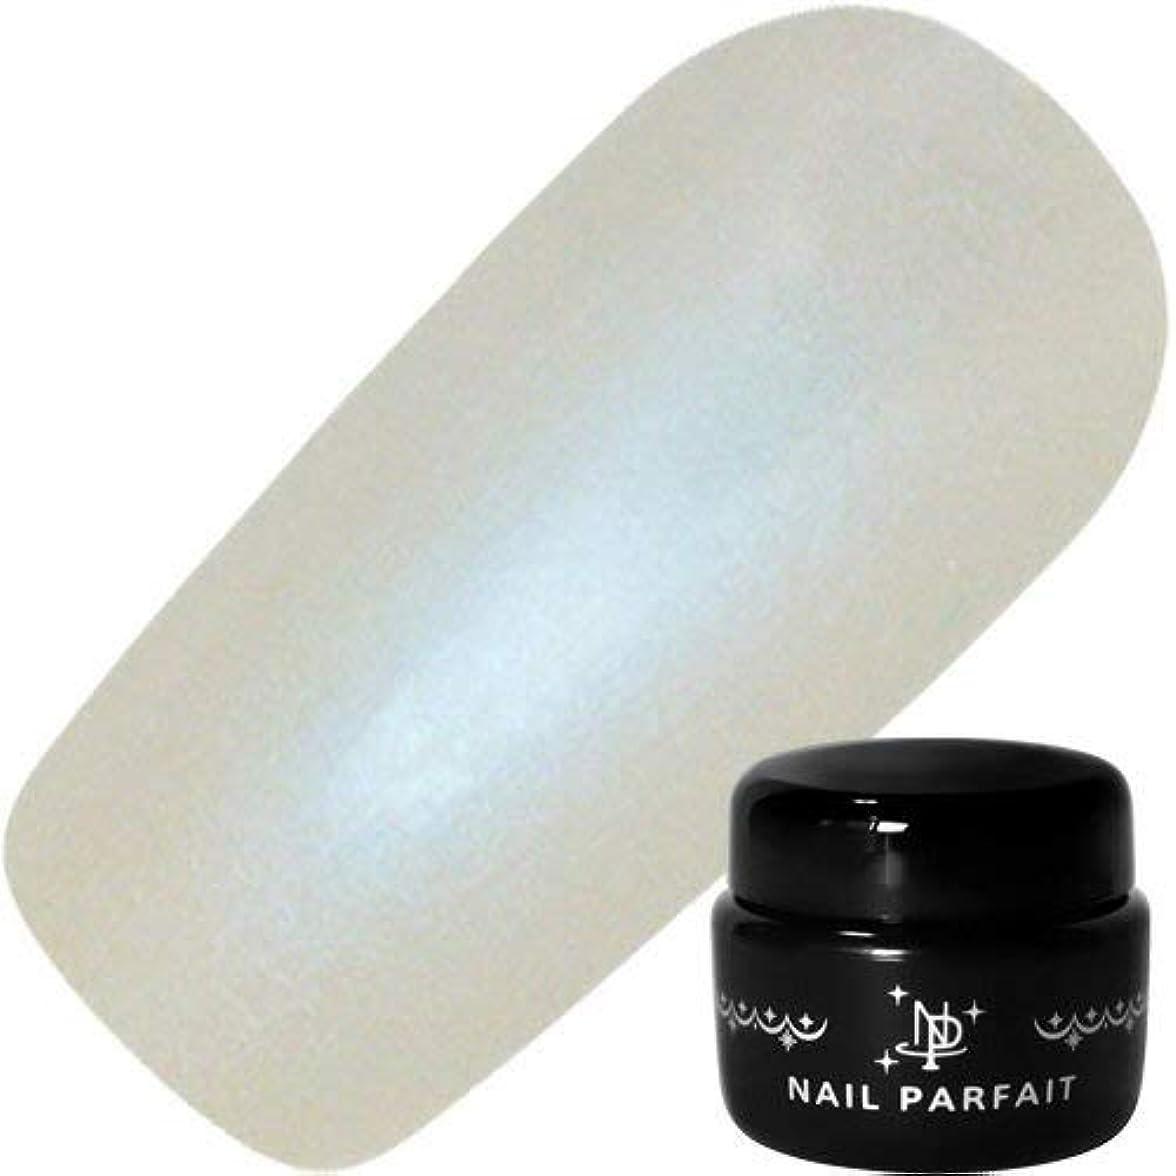 NAIL PARFAIT ネイルパフェ カラージェル 119 オーロラエフェクトブルー 2g 【ジェル/カラージェル?ネイル用品】